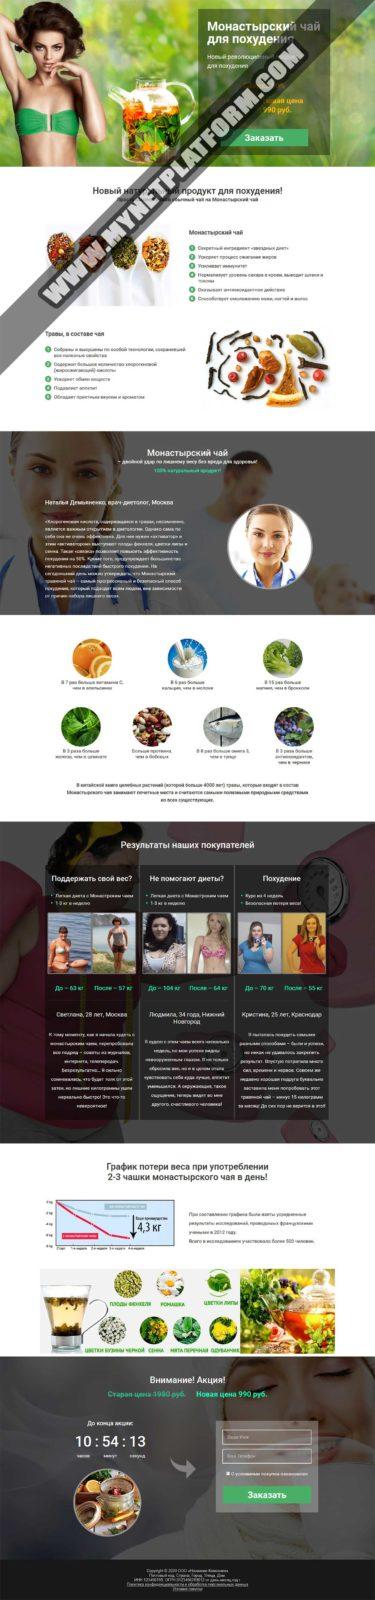 Скриншот Готового лендинга Монастырский чай для похудения 003